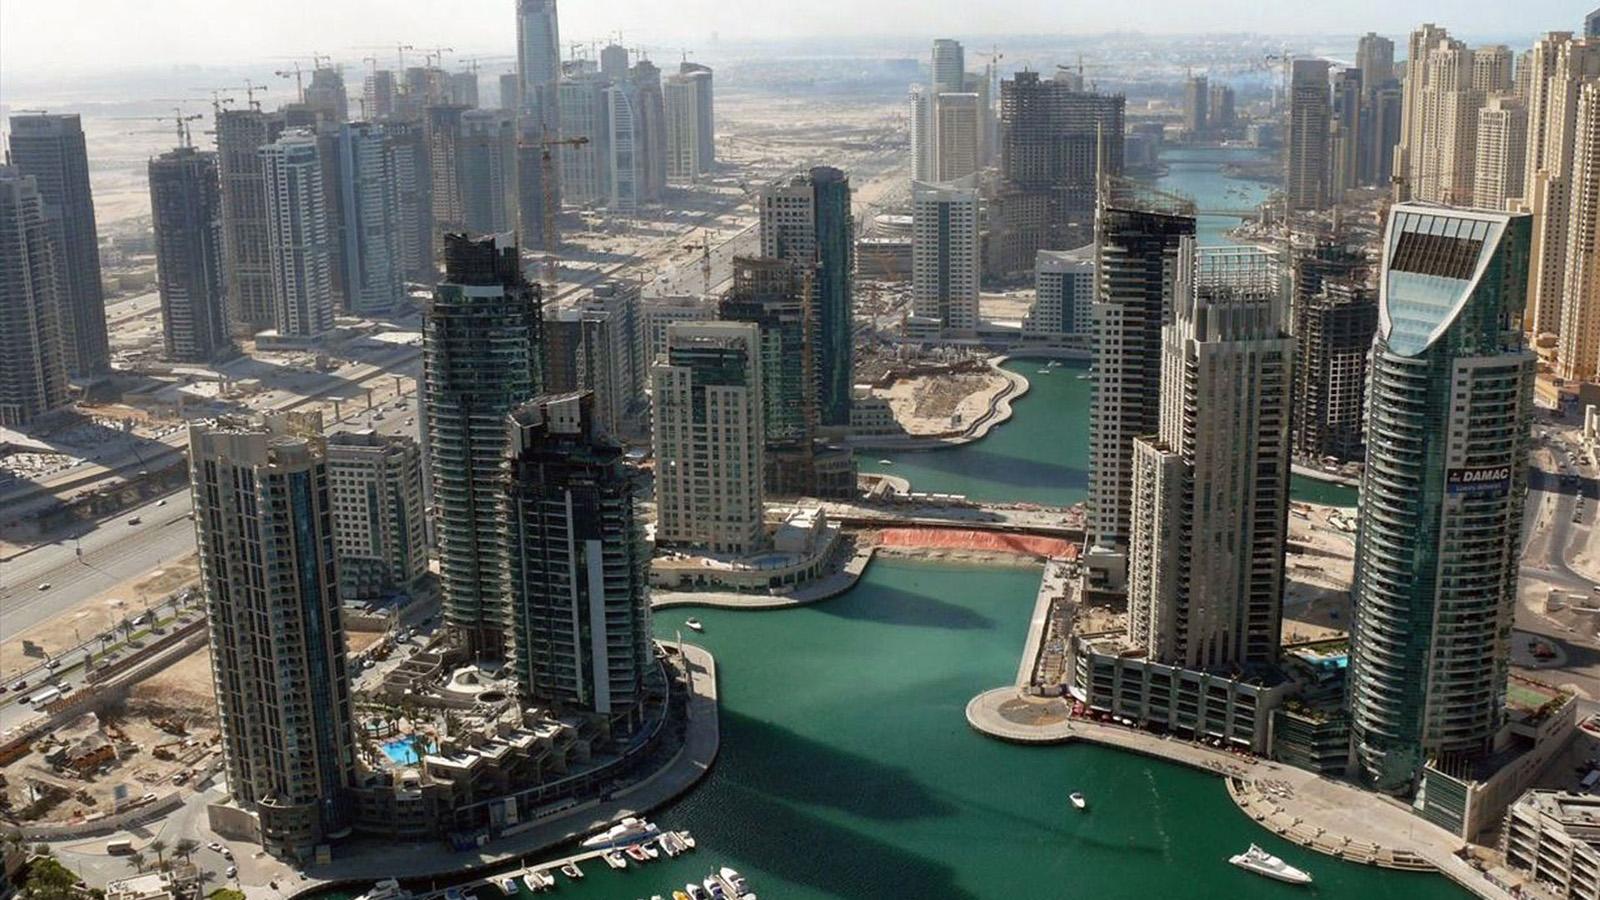 Dubai City Overlook Wallpaper Wallpapers in blog 1600x900